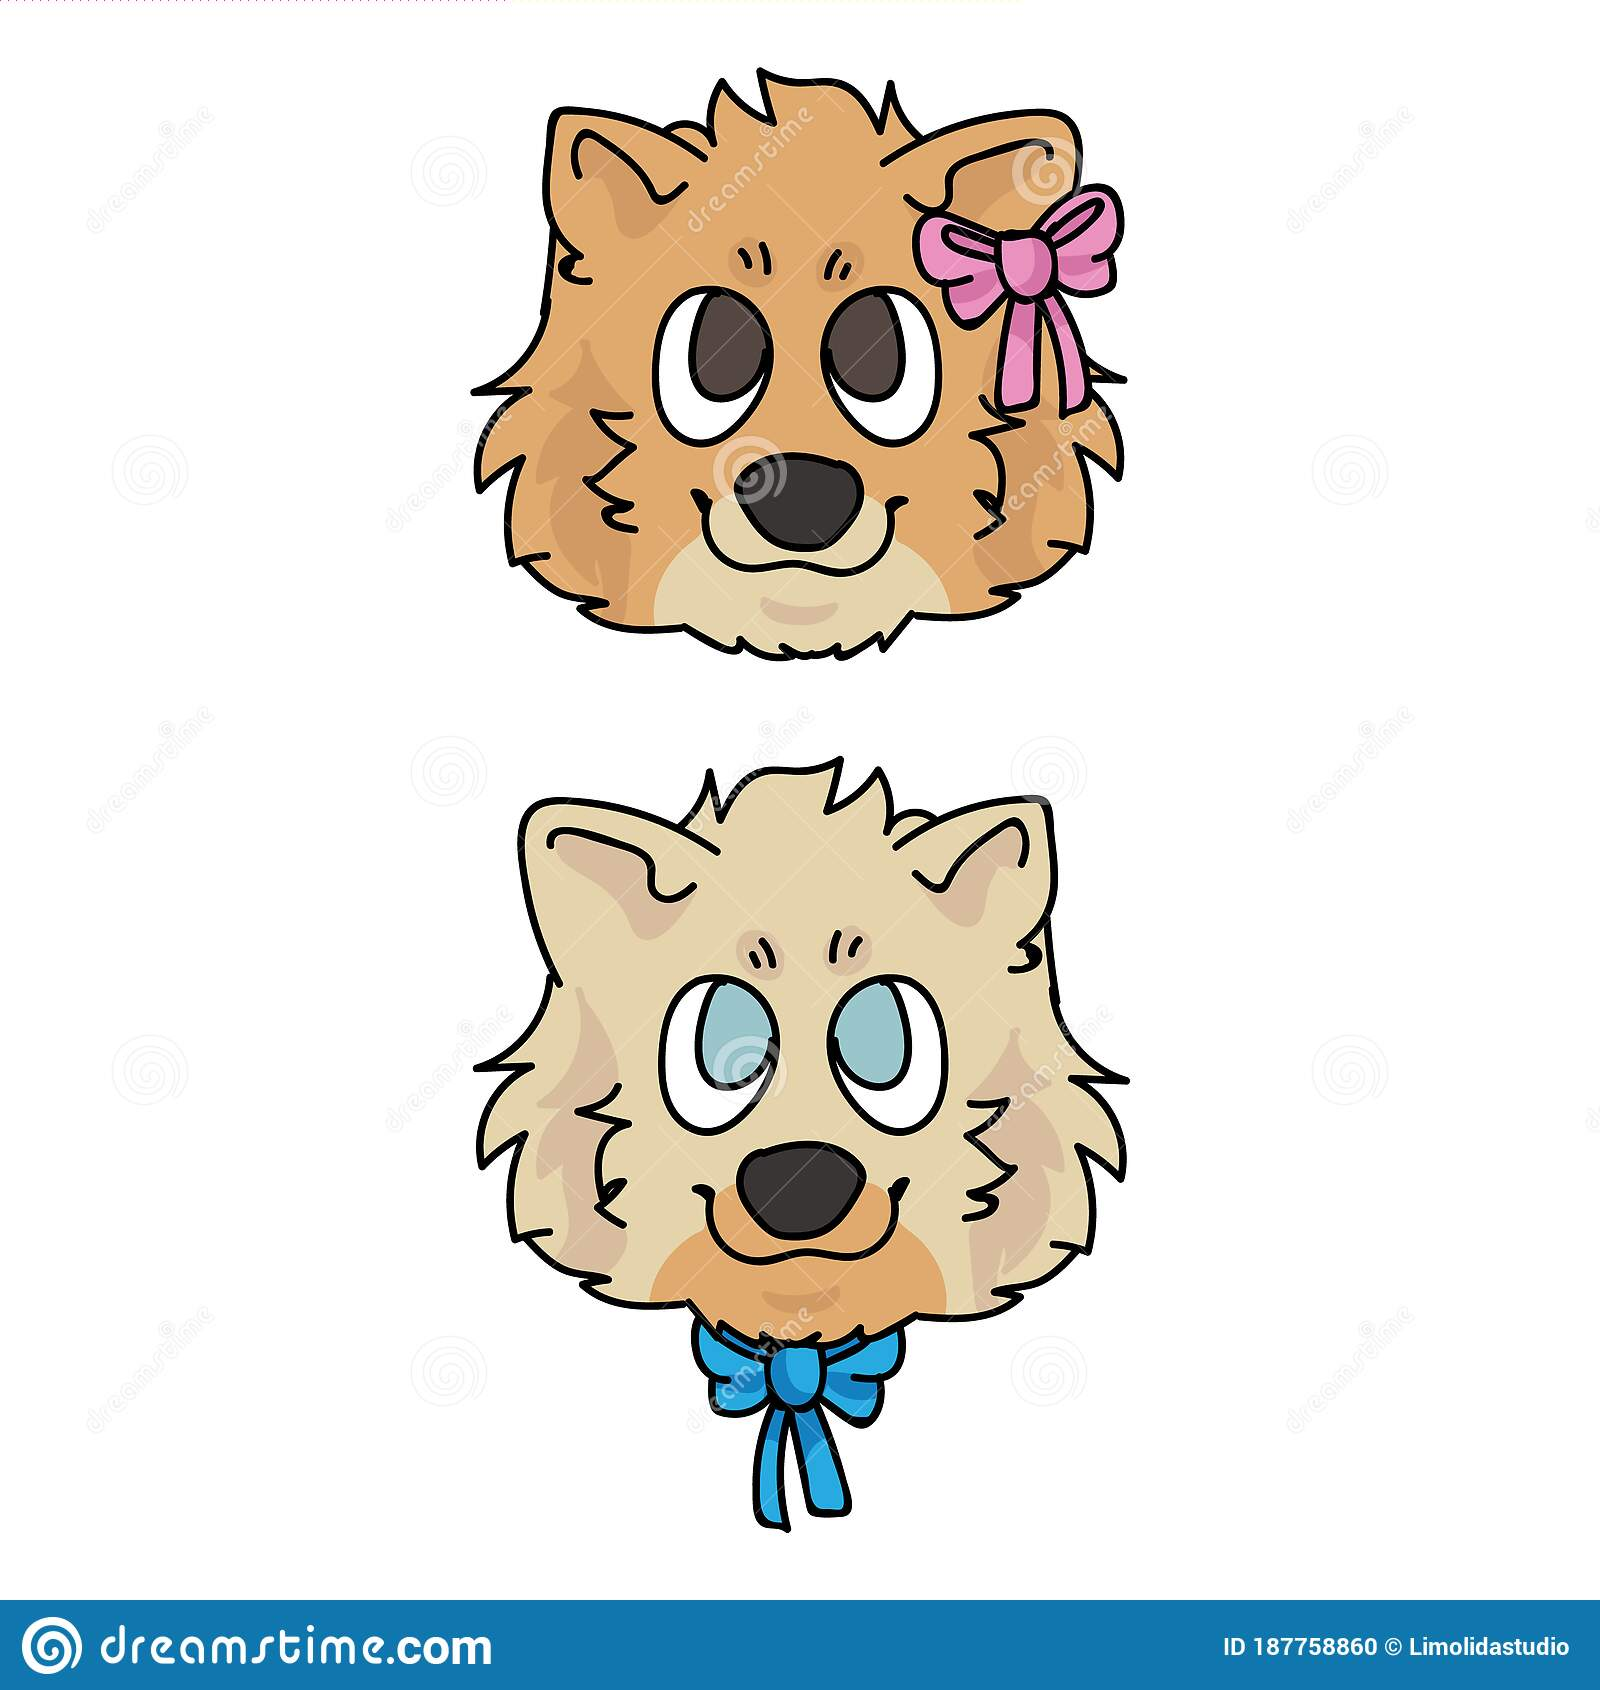 Bull Clip Art Stock Illustrations – 4,640 Bull Clip Art Stock  Illustrations, Vectors & Clipart - Dreamstime